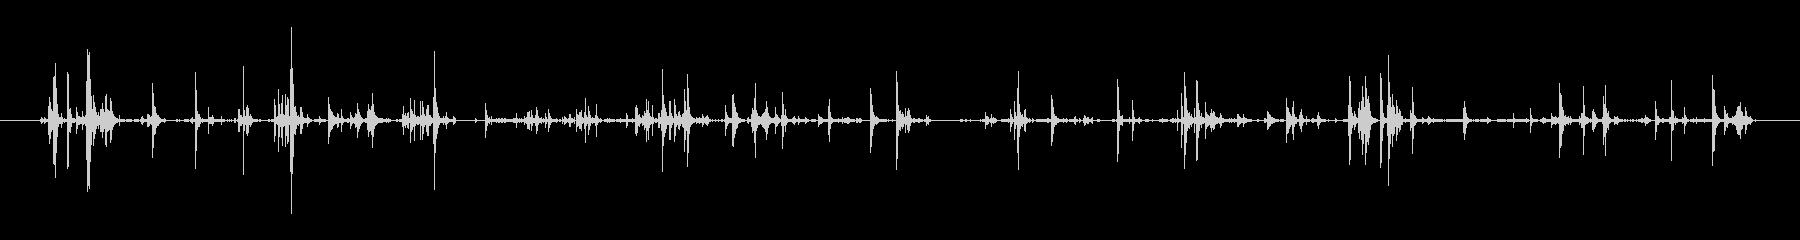 手錠の鎖など、鉄のカチャカチャ音の未再生の波形